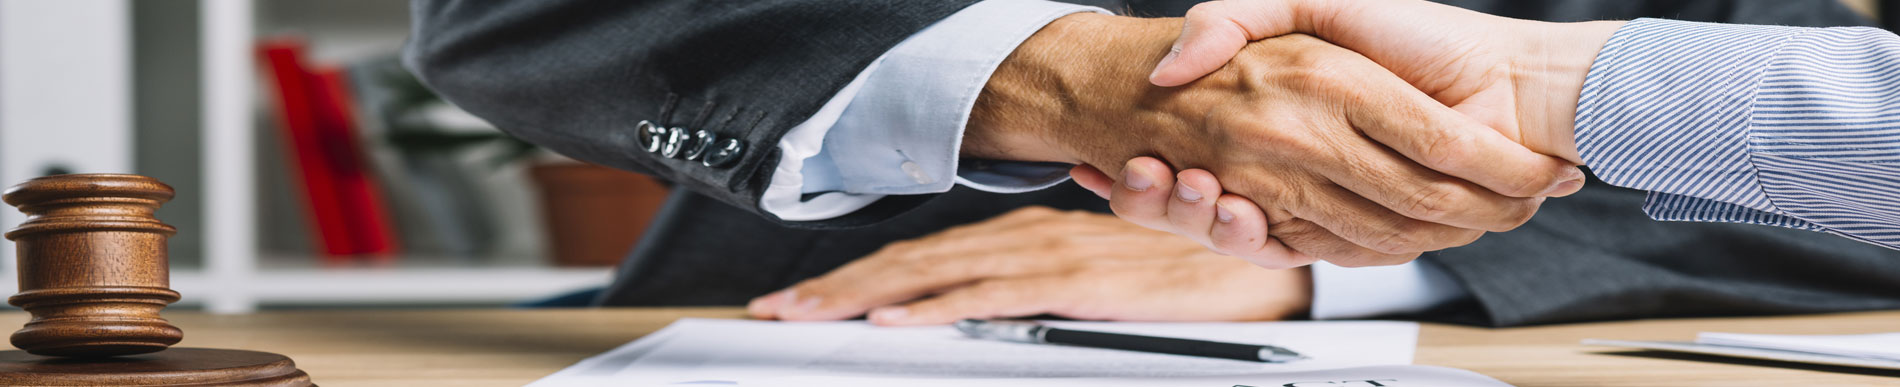 clients-handshake